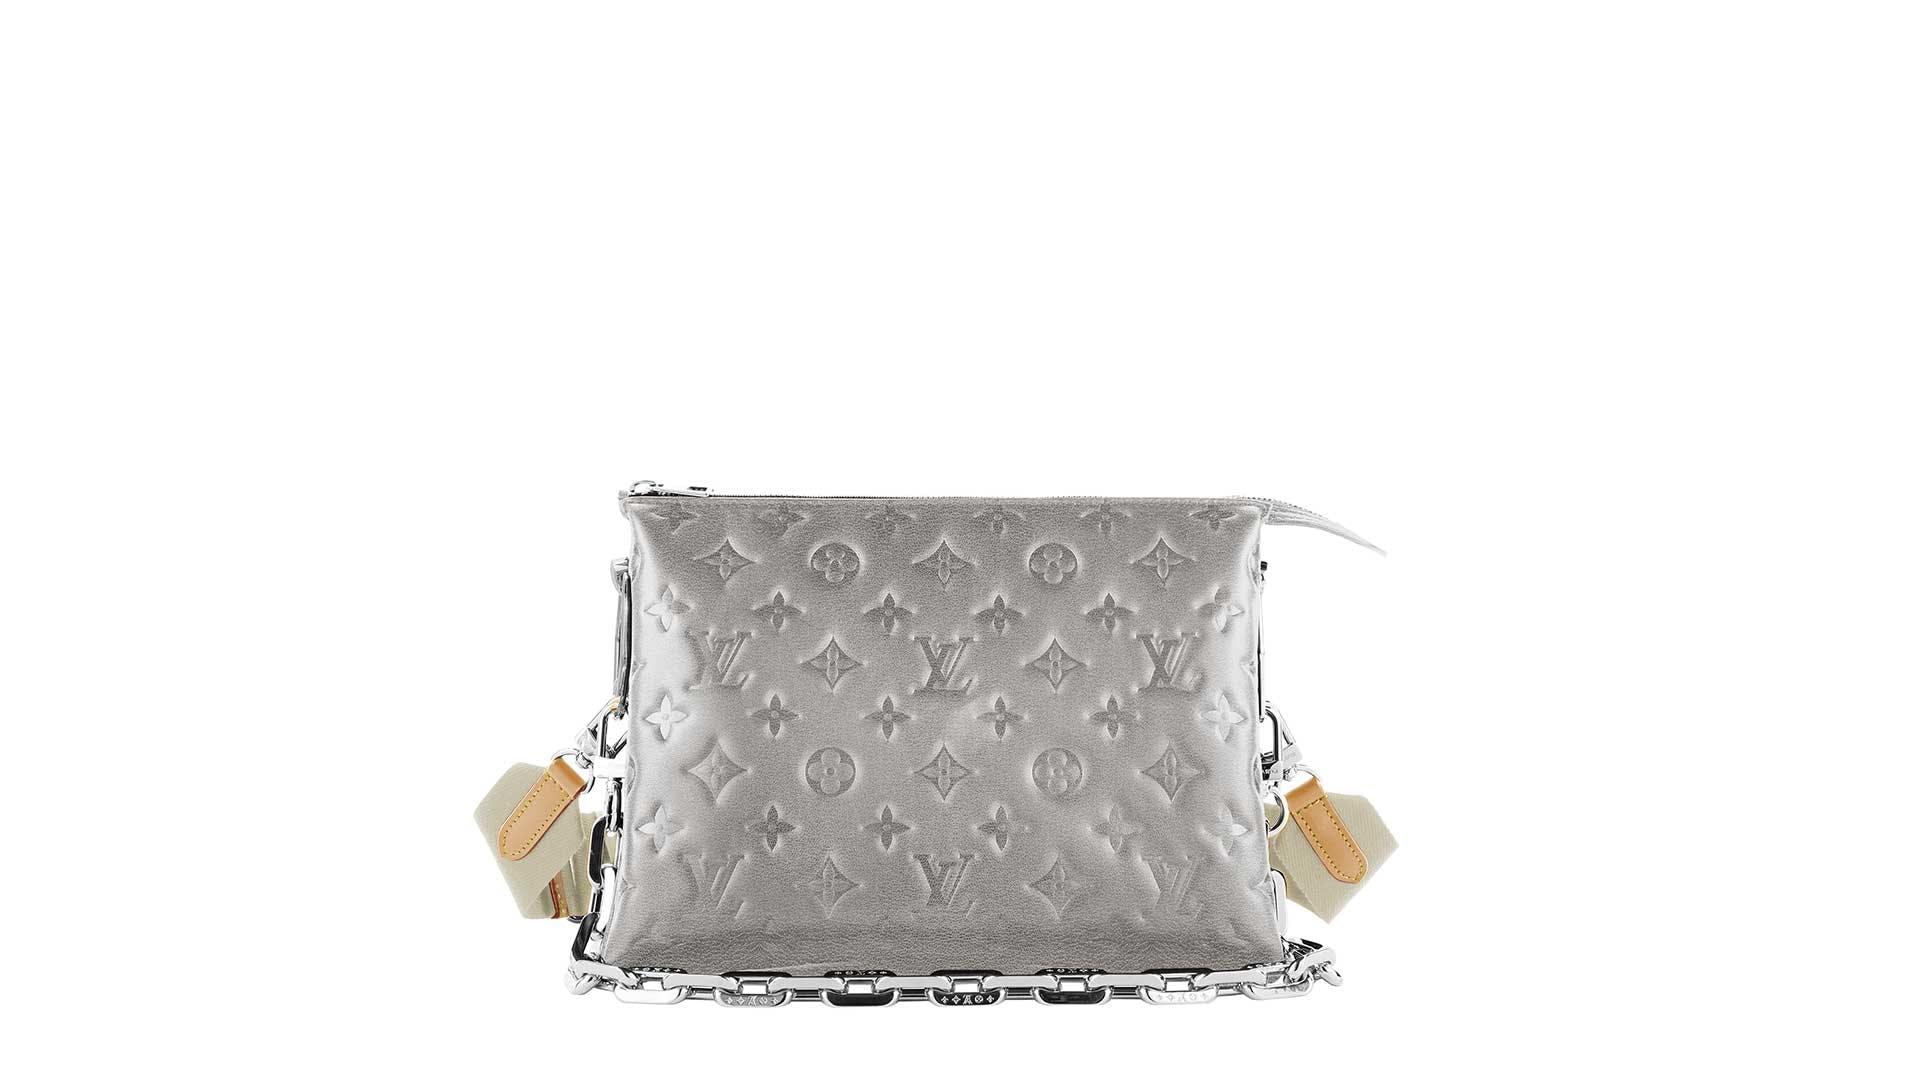 Chiếc túi mới Coussin đang gây bão trong giới mộ điệu của Louis Vuitton - 3